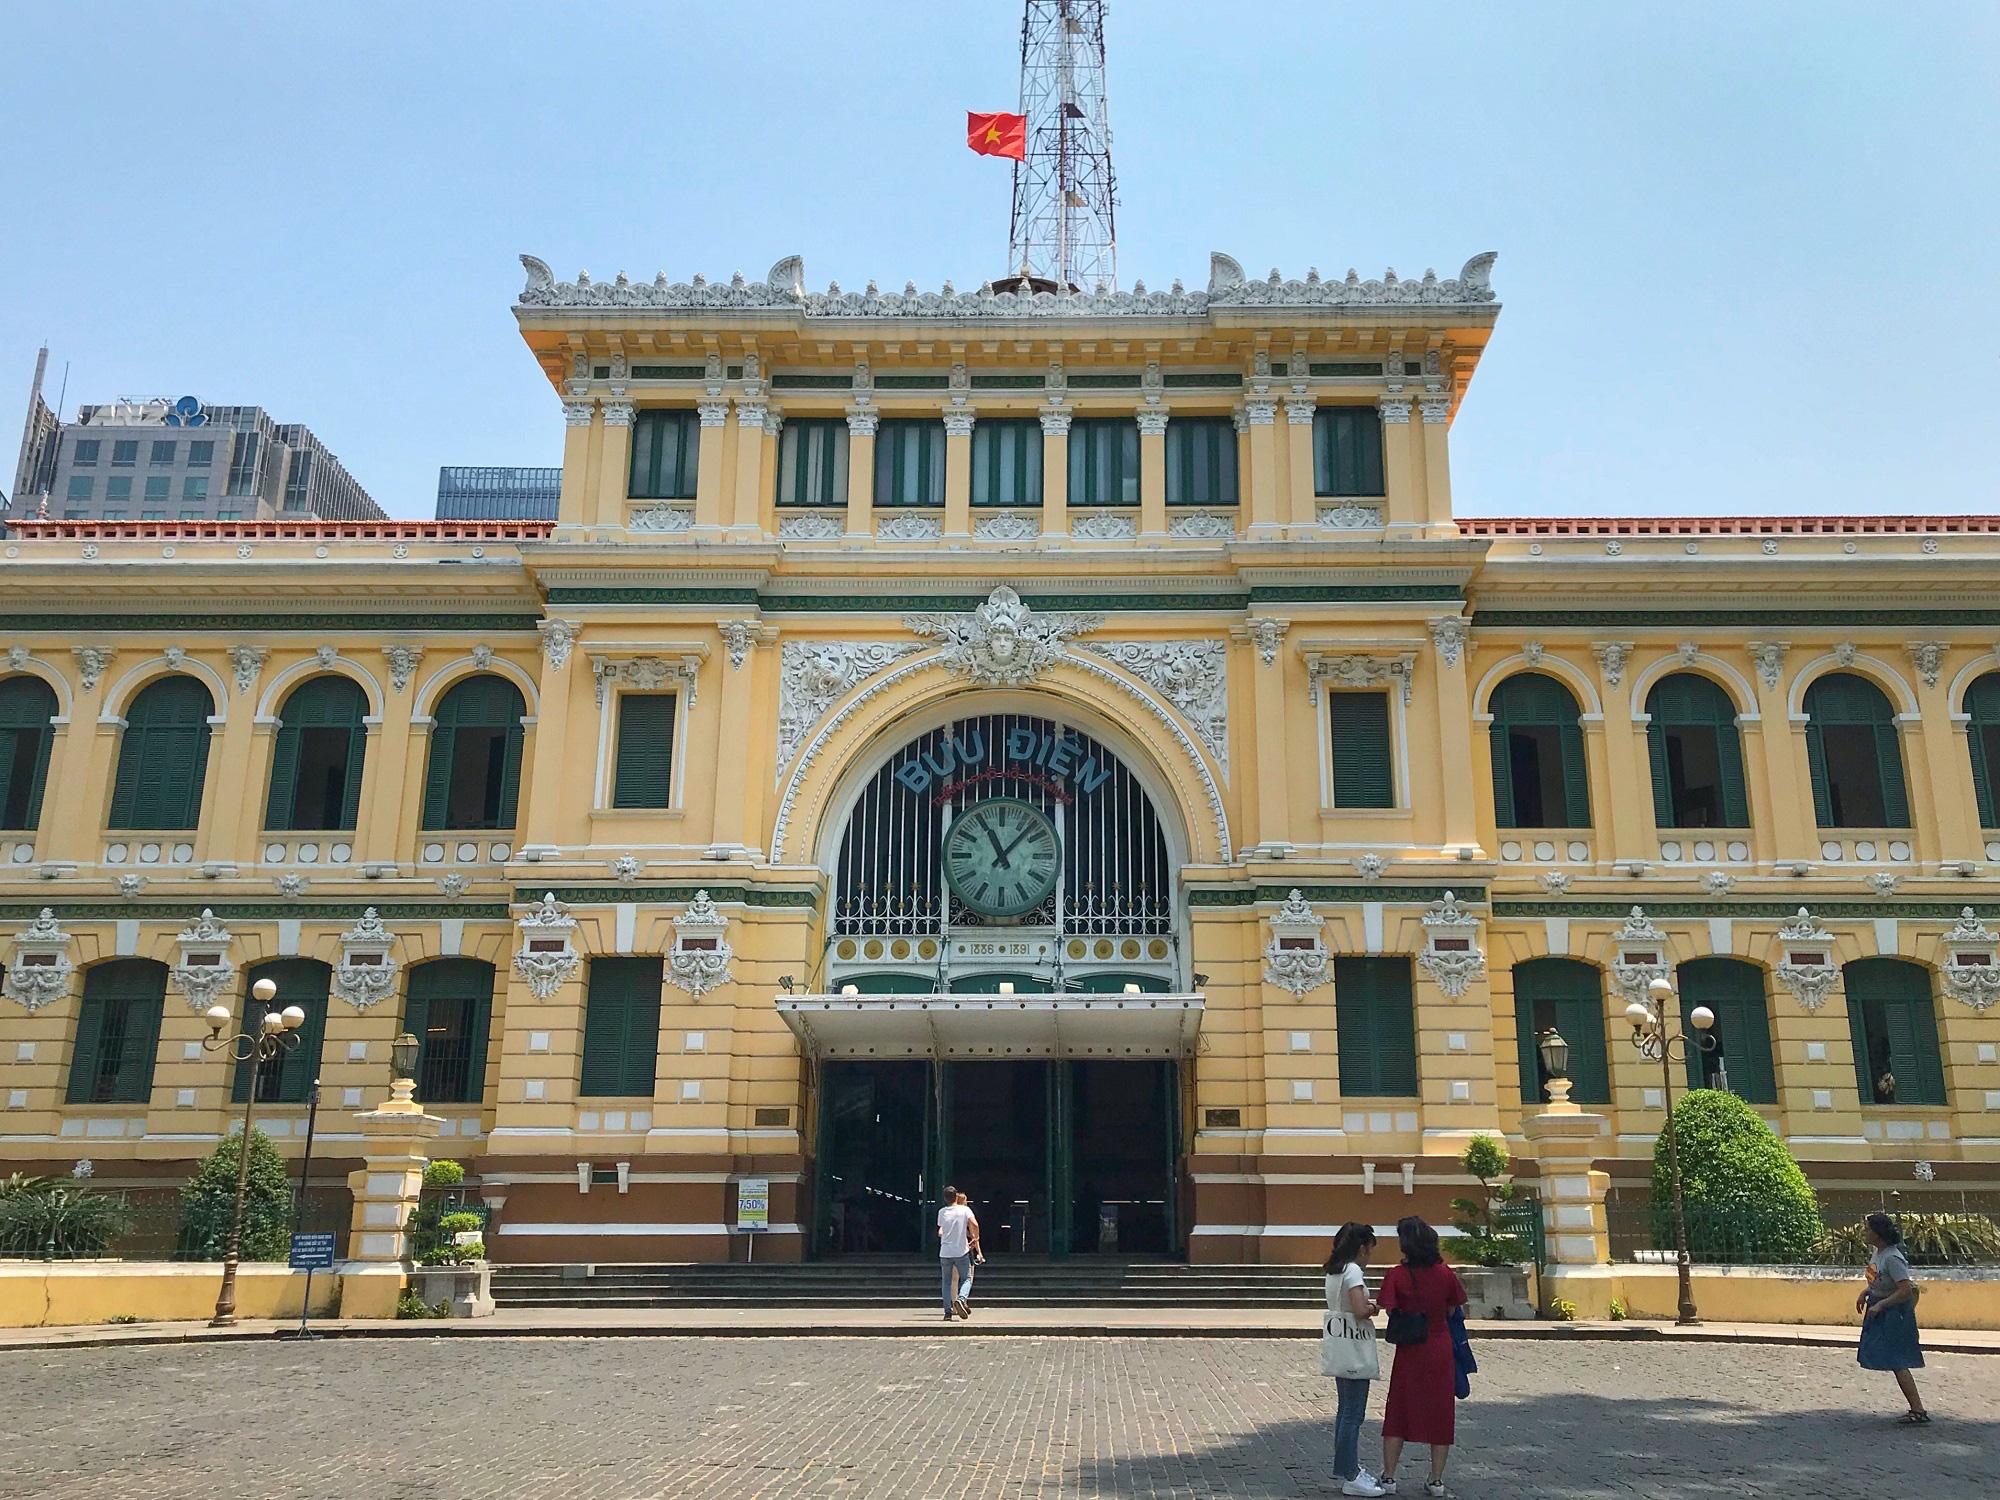 """Sài Gòn 16/3: Các điểm vui chơi, du lịch tham quan tại quận 1 """"vắng lặng"""" giữa mùa dịch Corona - Ảnh 5."""